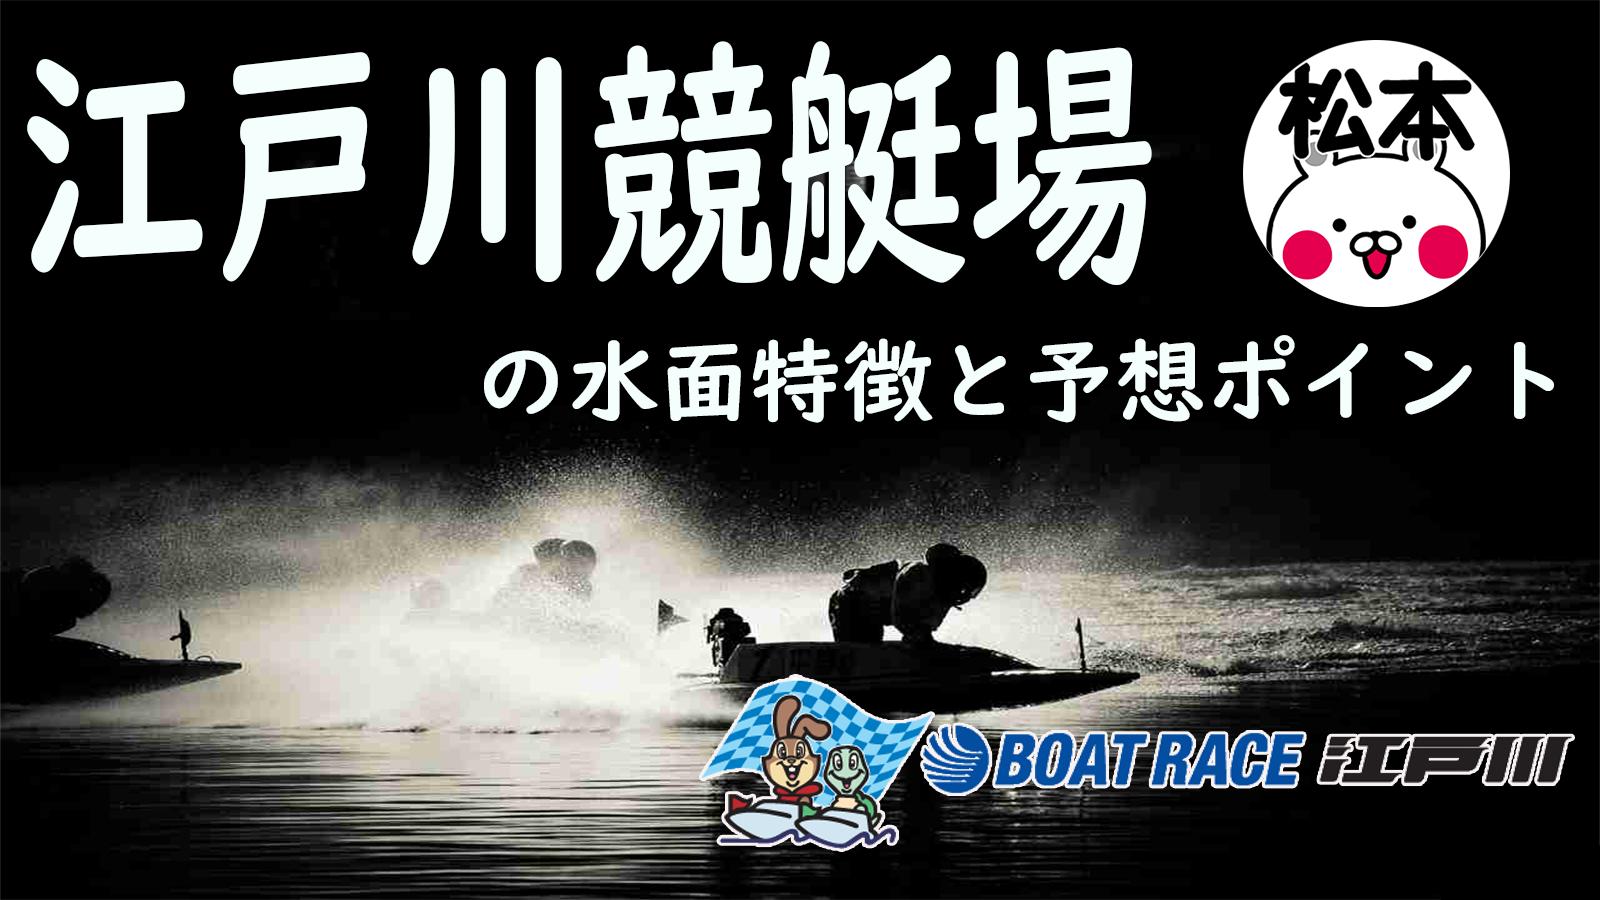 江戸川競艇場のトップ